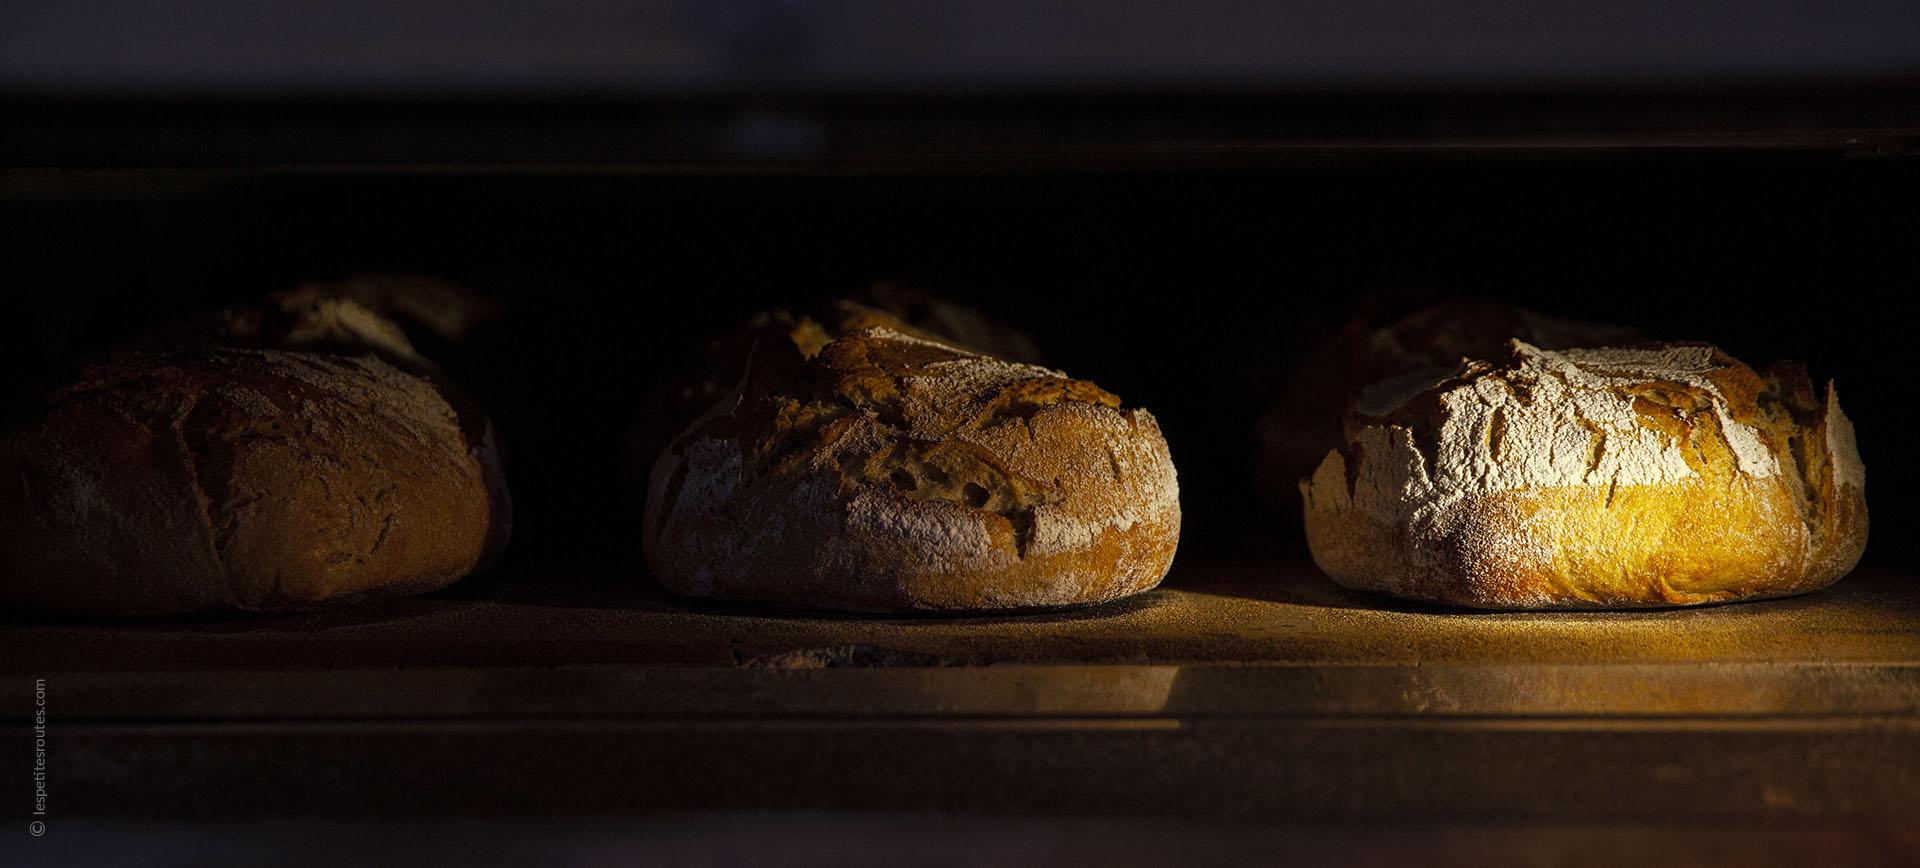 Les Petites Routes dans la boulangerie Le Goût du Pain à Aigremont.